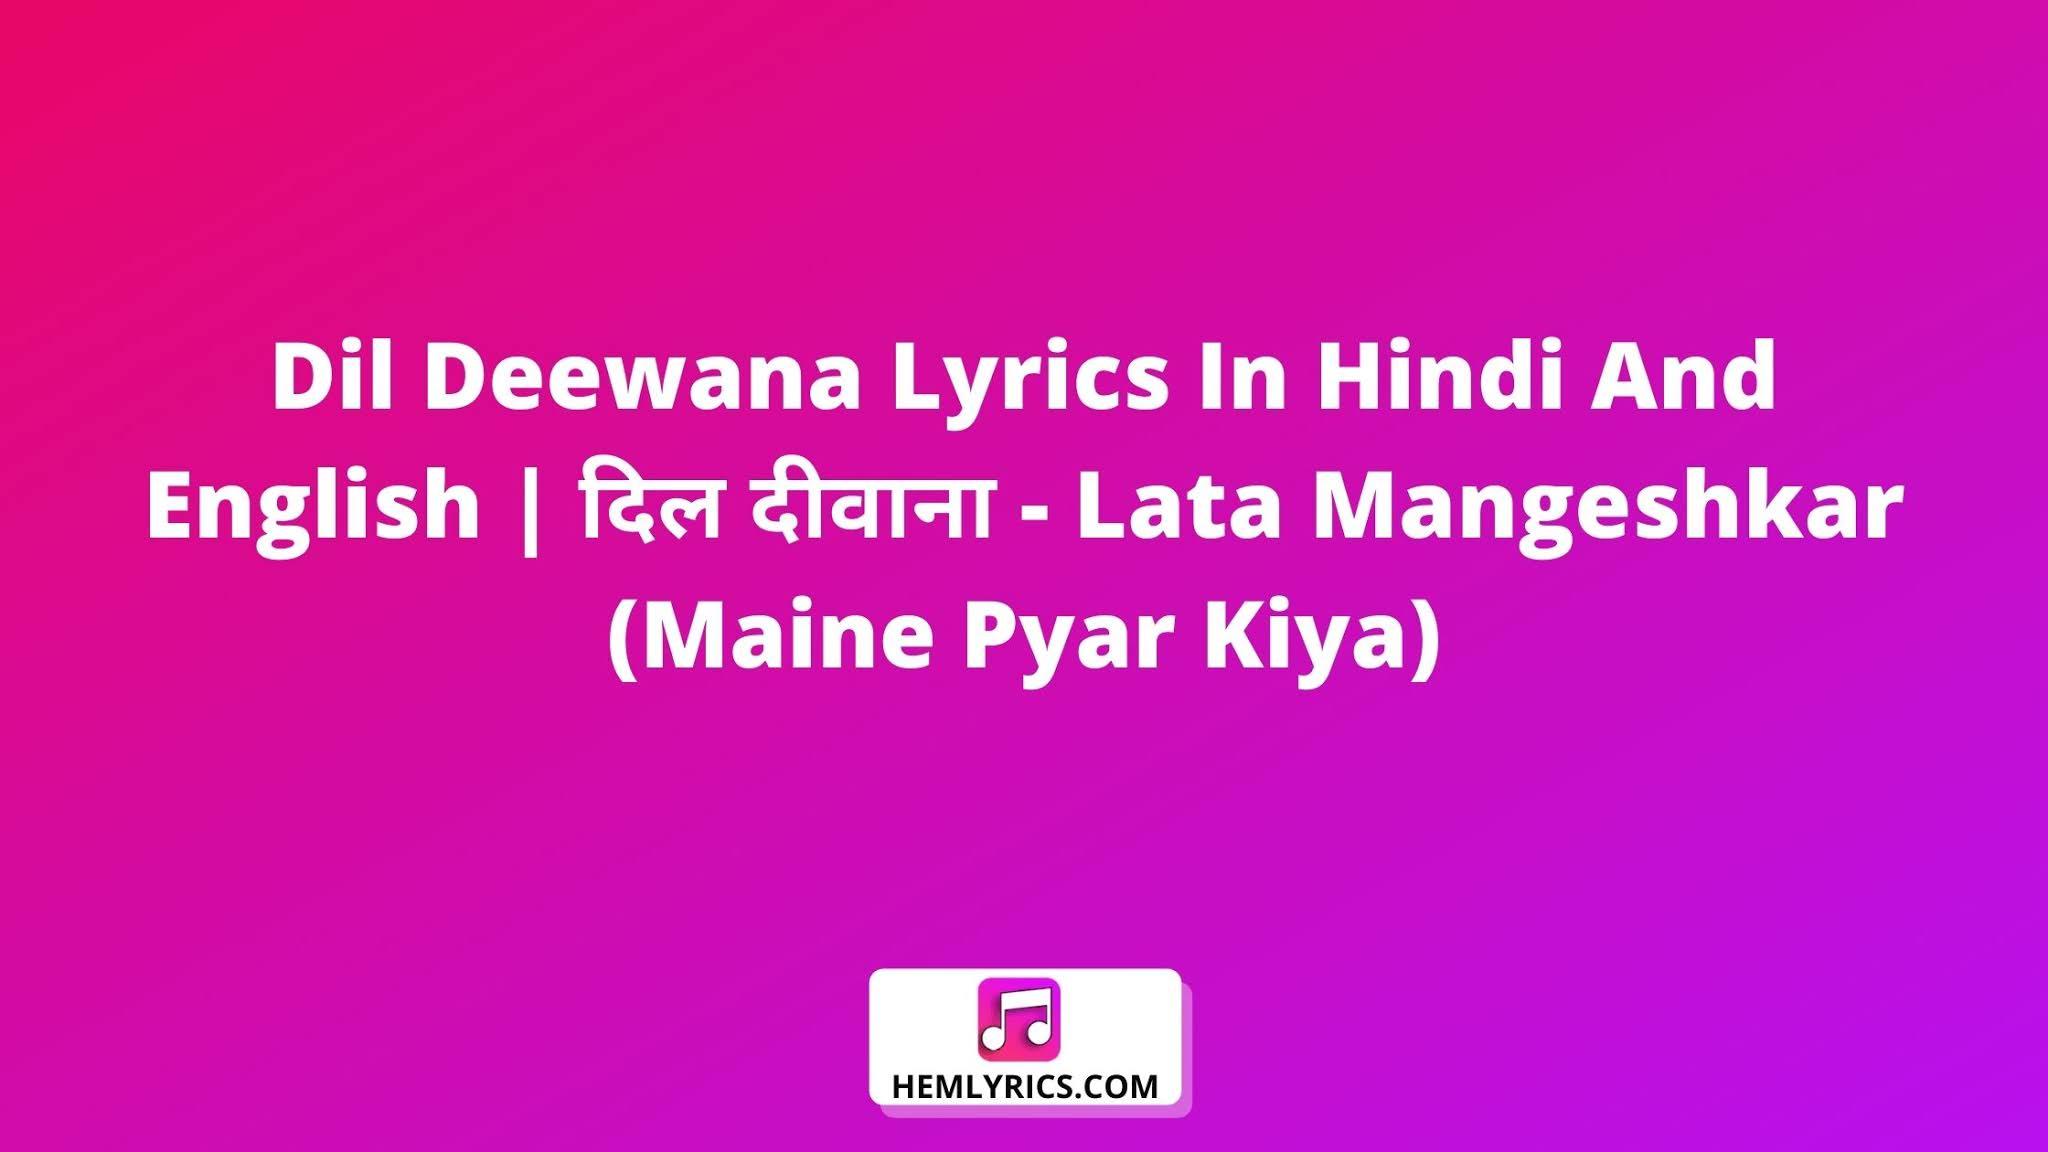 Dil Deewana Lyrics In Hindi And English | दिल दीवाना - Lata Mangeshkar (Maine Pyar Kiya)